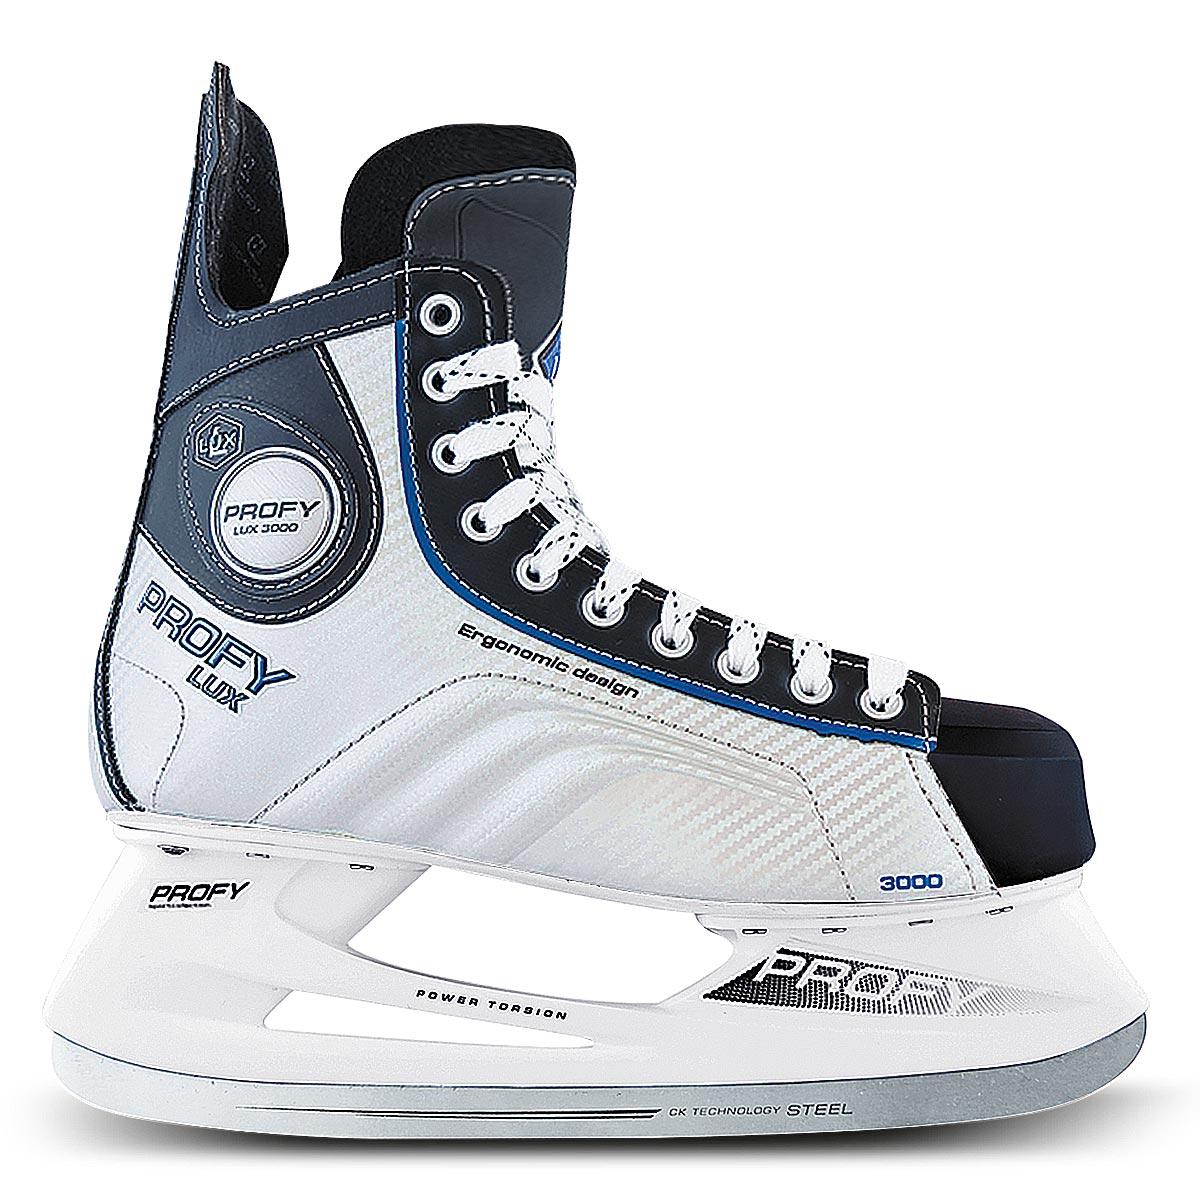 Коньки хоккейные мужские СК Profy Lux 3000, цвет: черный, серебряный, синий. Размер 38 PROFY LUX 3000 Blue_38